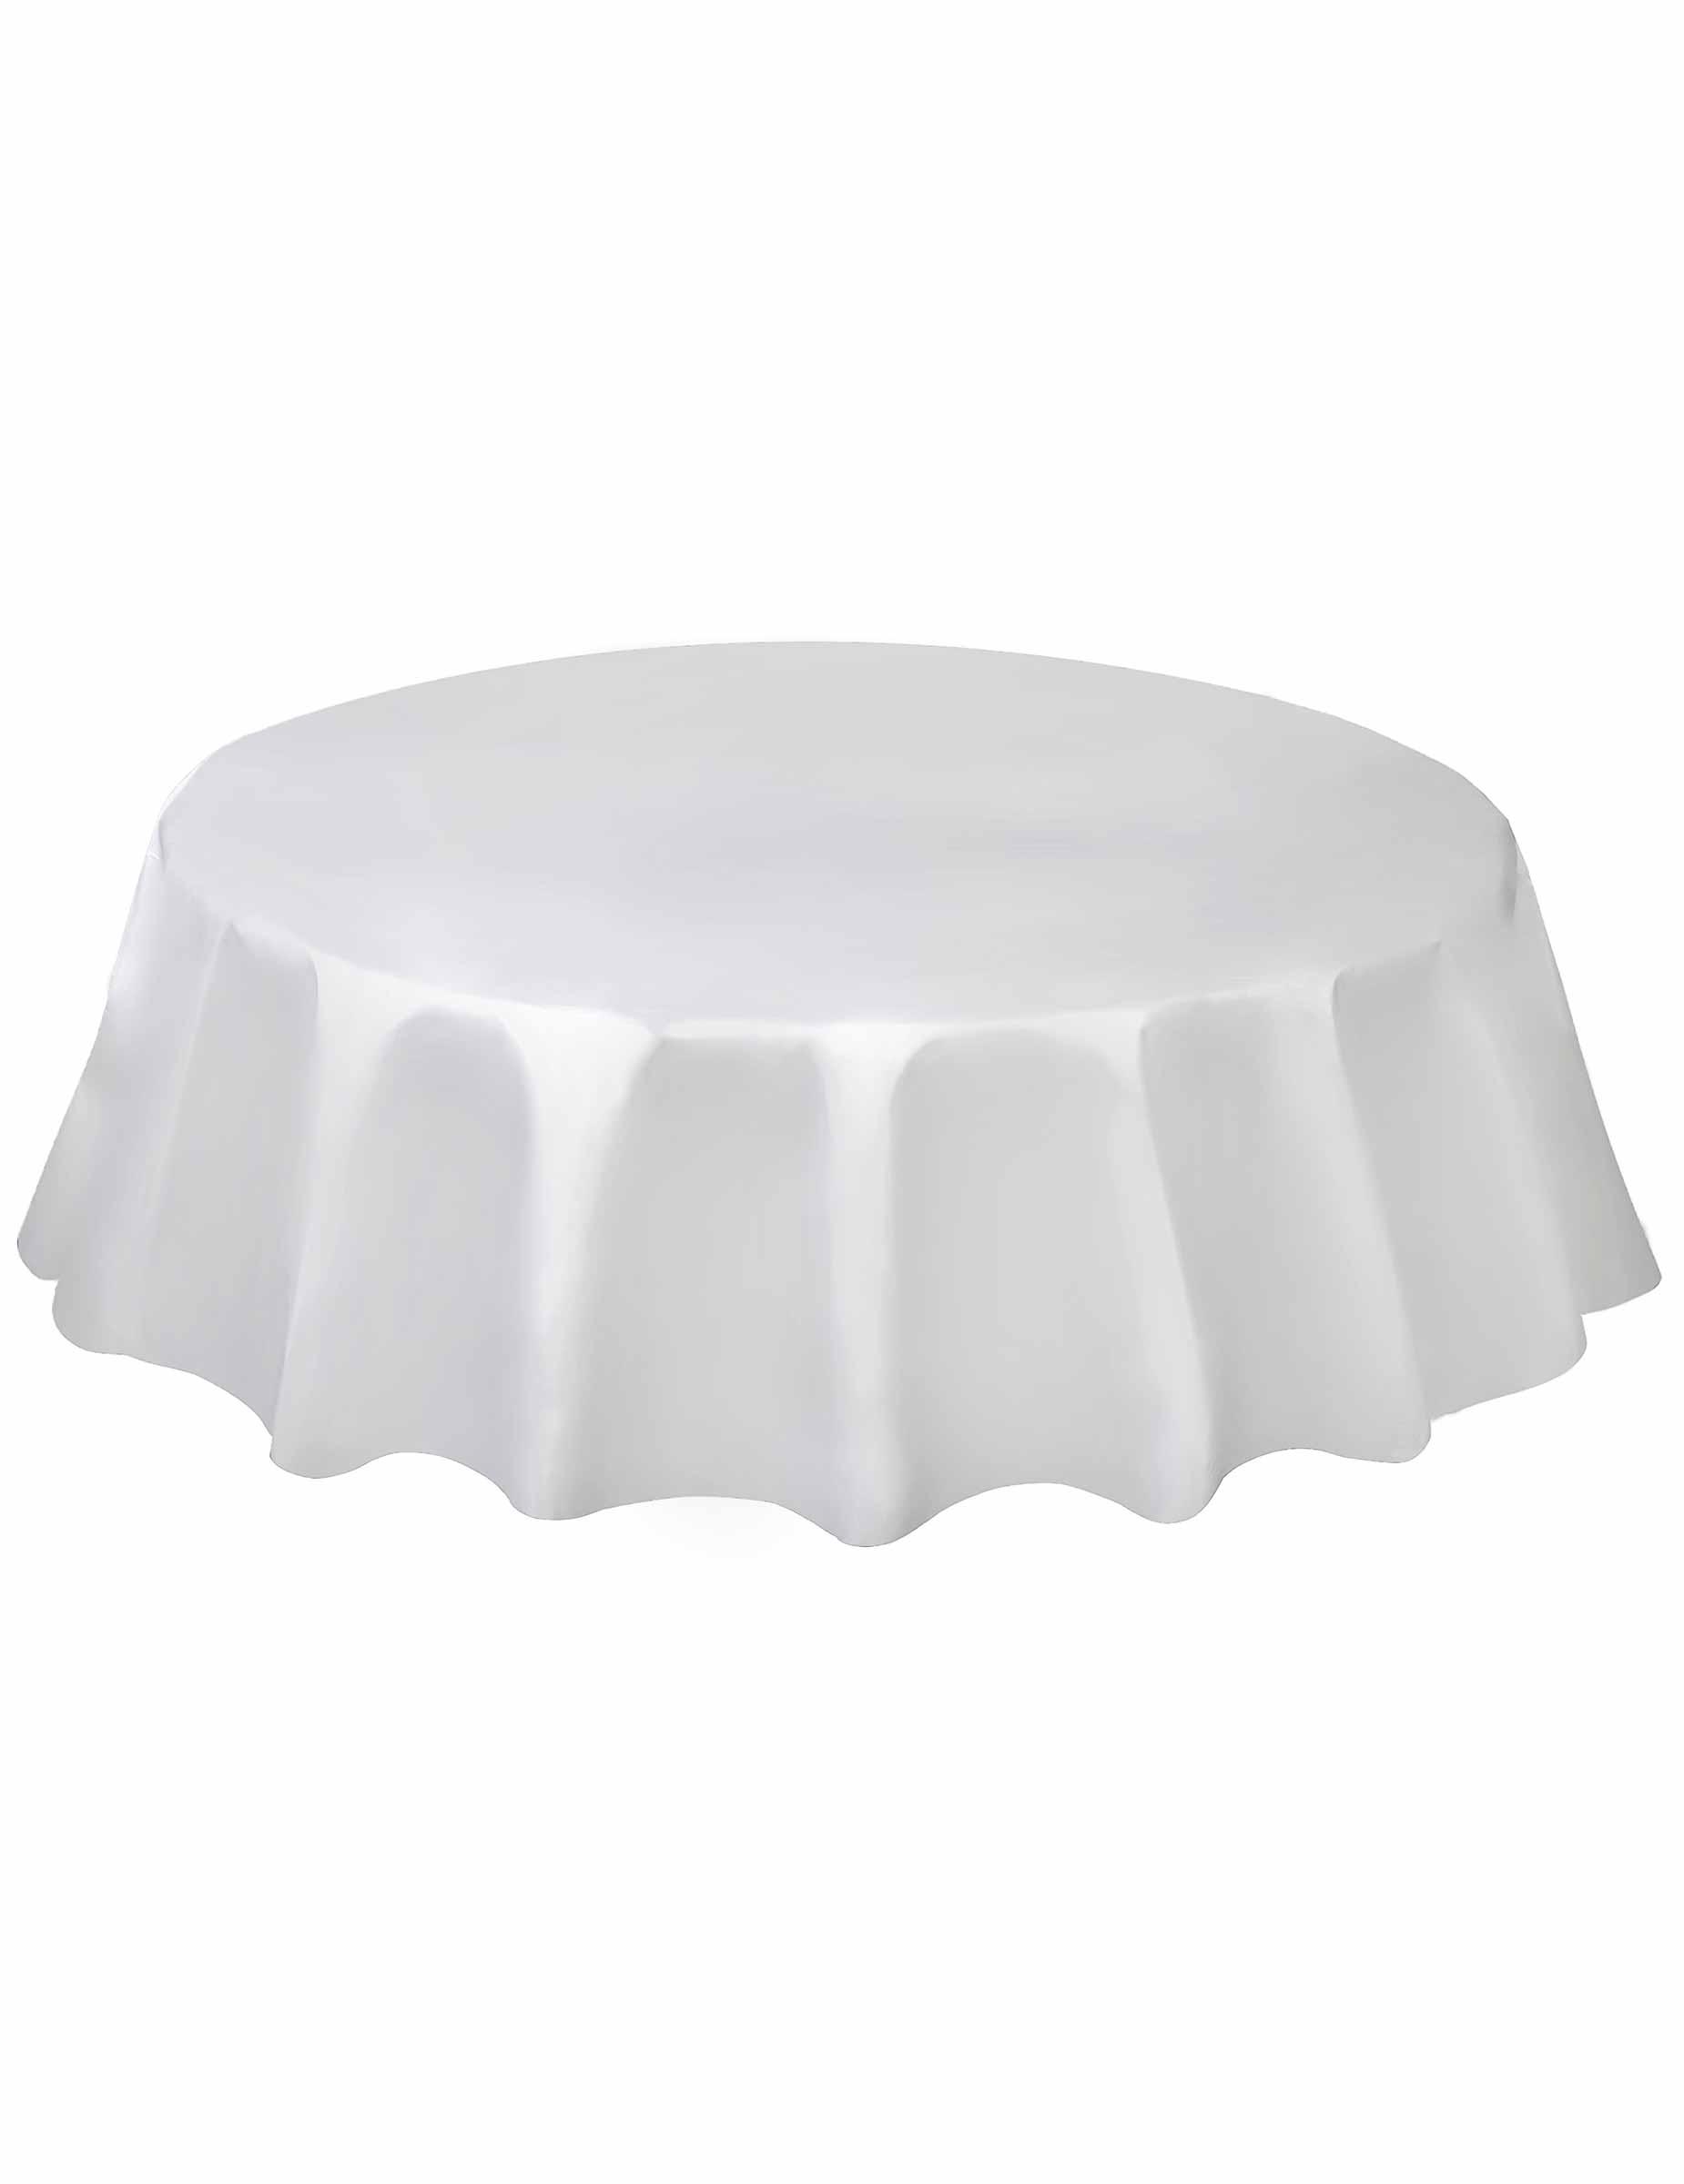 nappe ronde en plastique blanche 213 cm deguise toi achat de decoration animation. Black Bedroom Furniture Sets. Home Design Ideas